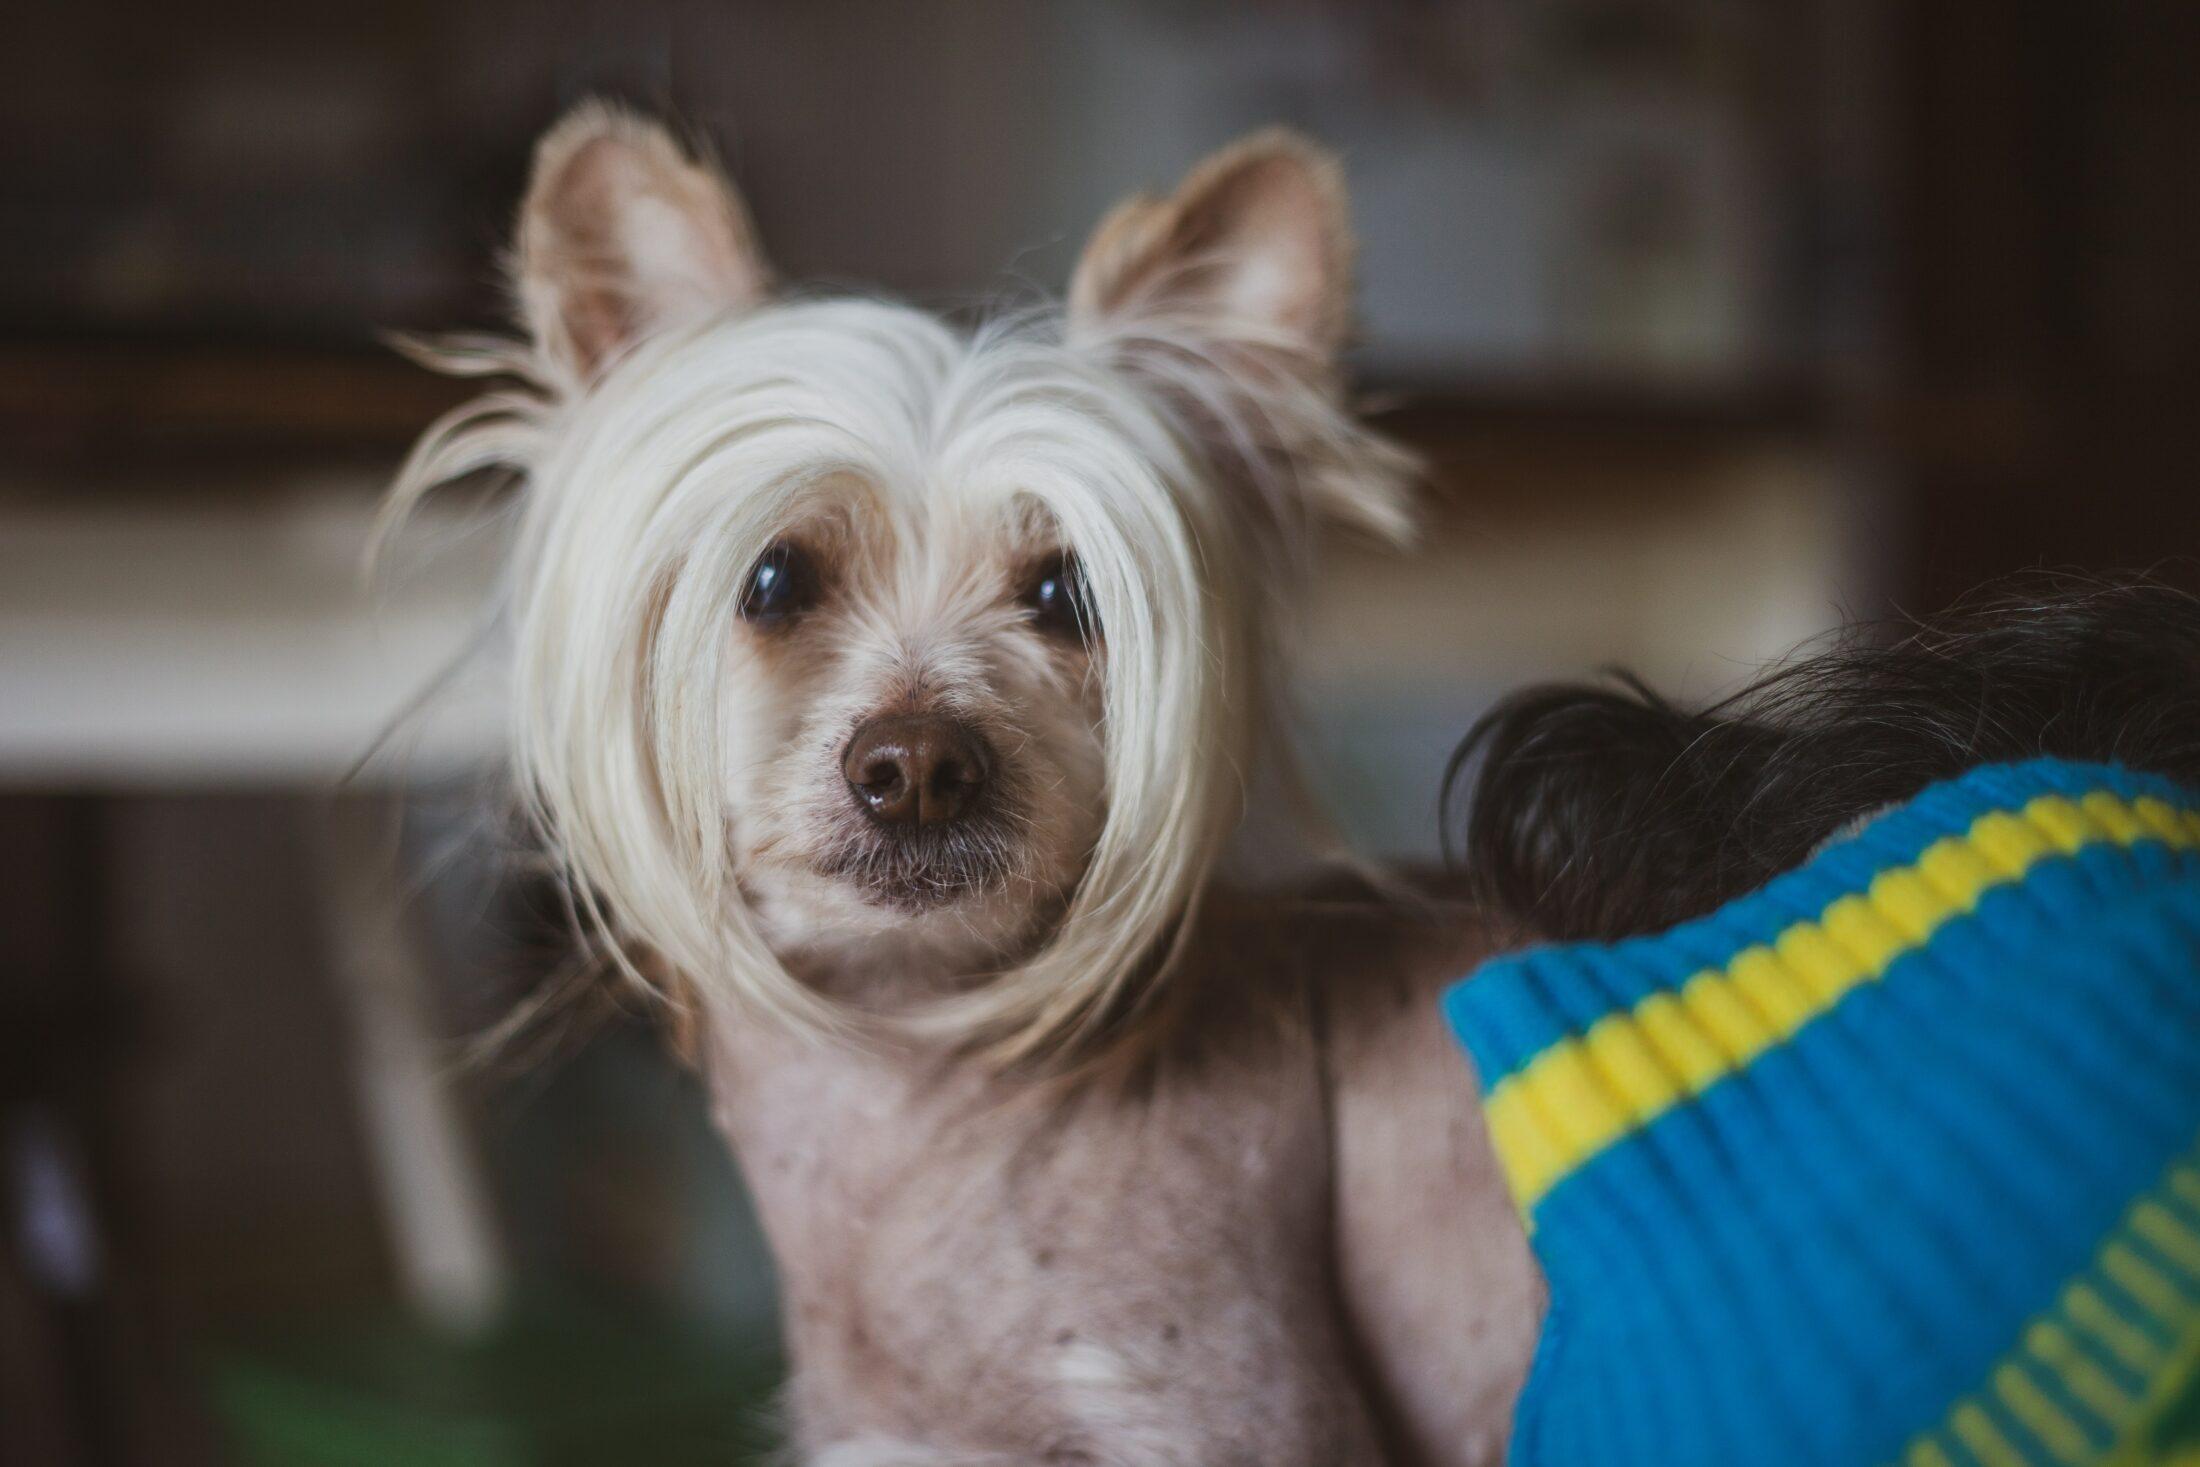 cachorro pelado - cao de crista chinesa